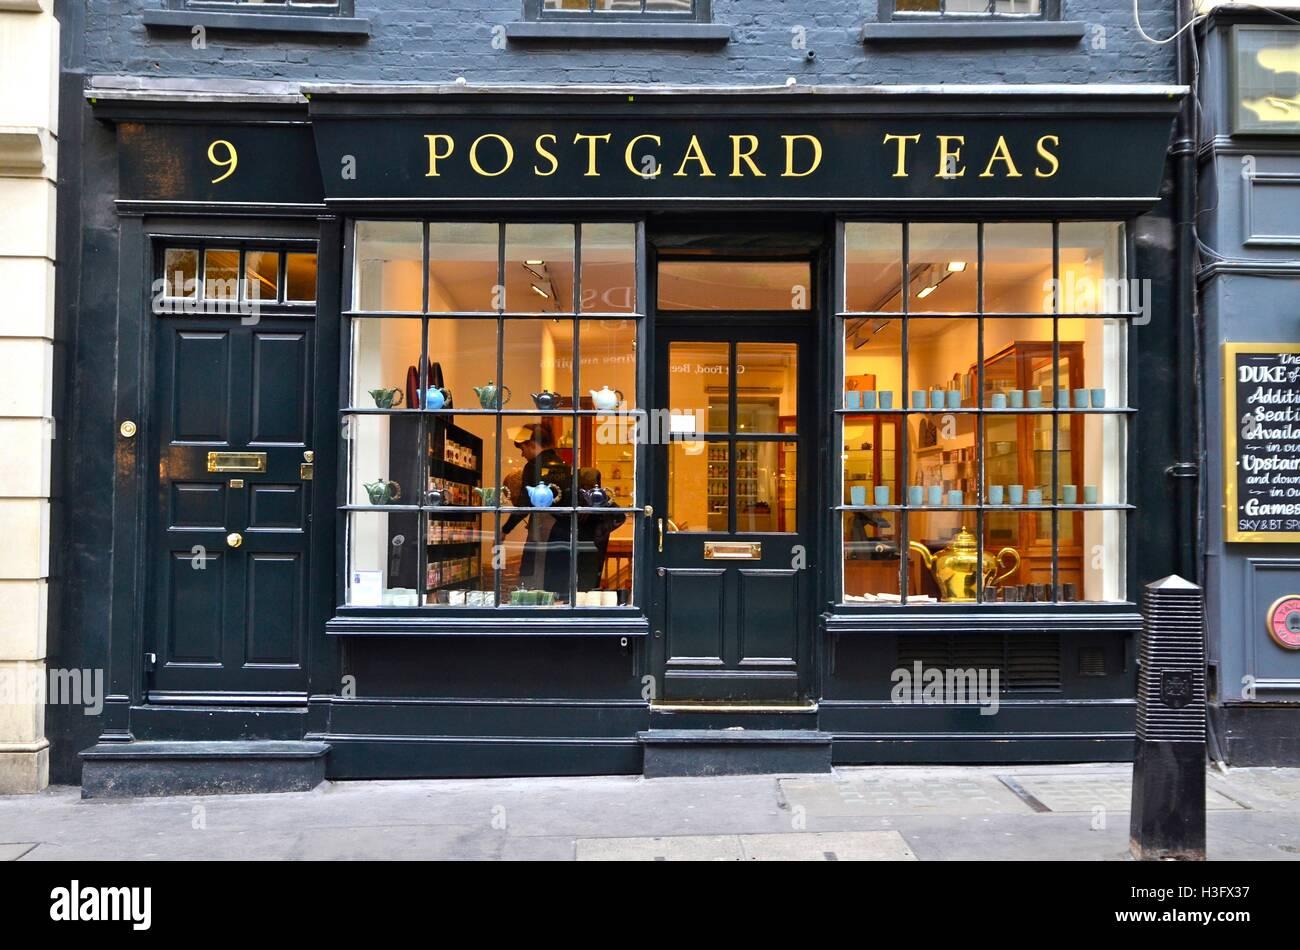 Tea Shop Teas Imágenes De Stock   Tea Shop Teas Fotos De Stock - Alamy 61057c55fcc9